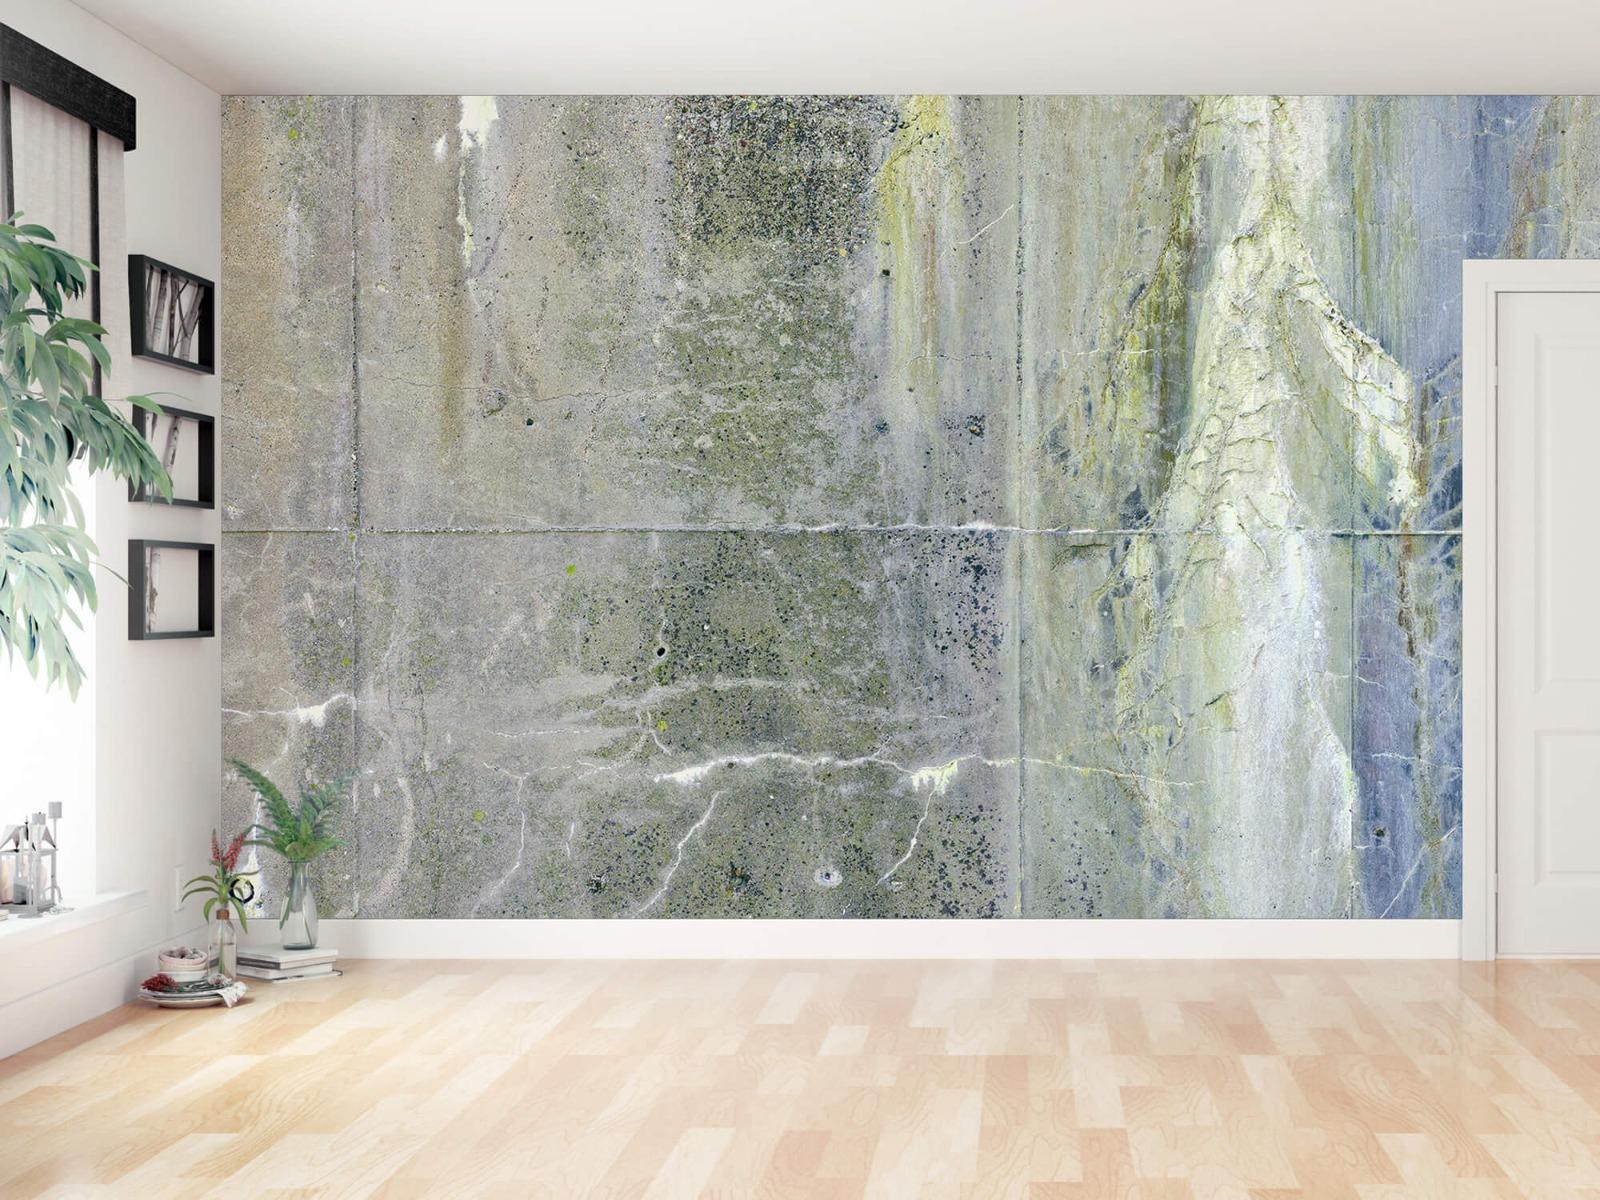 Betonlook behang - Verweerd beton - Wallexclusive - Tienerkamer 13